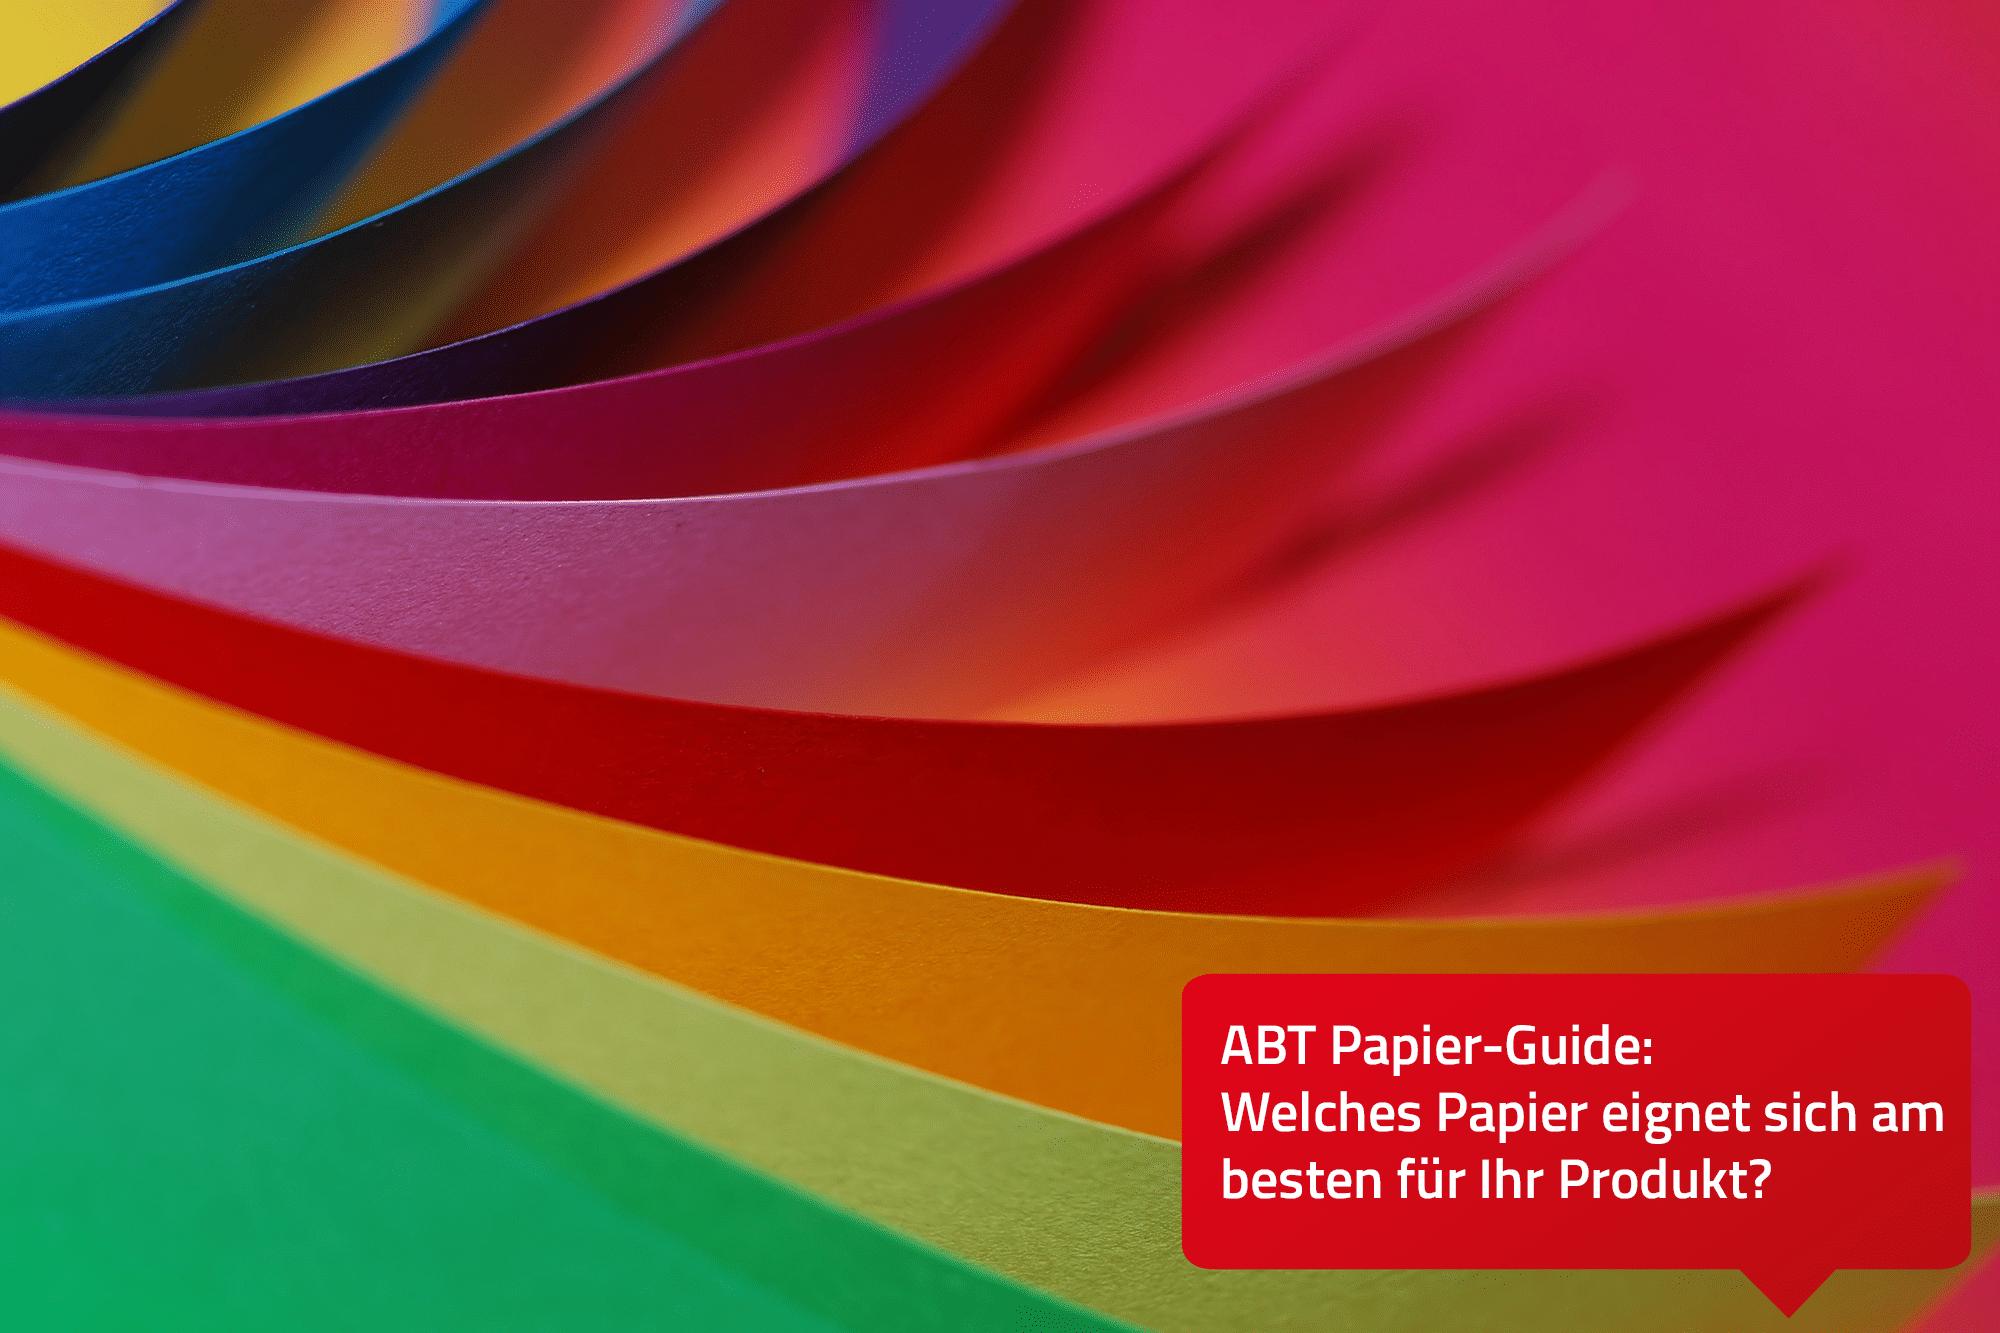 Unser ABT Papier-Guide: Welches Papier eignet sich am besten für Ihr Produkt?